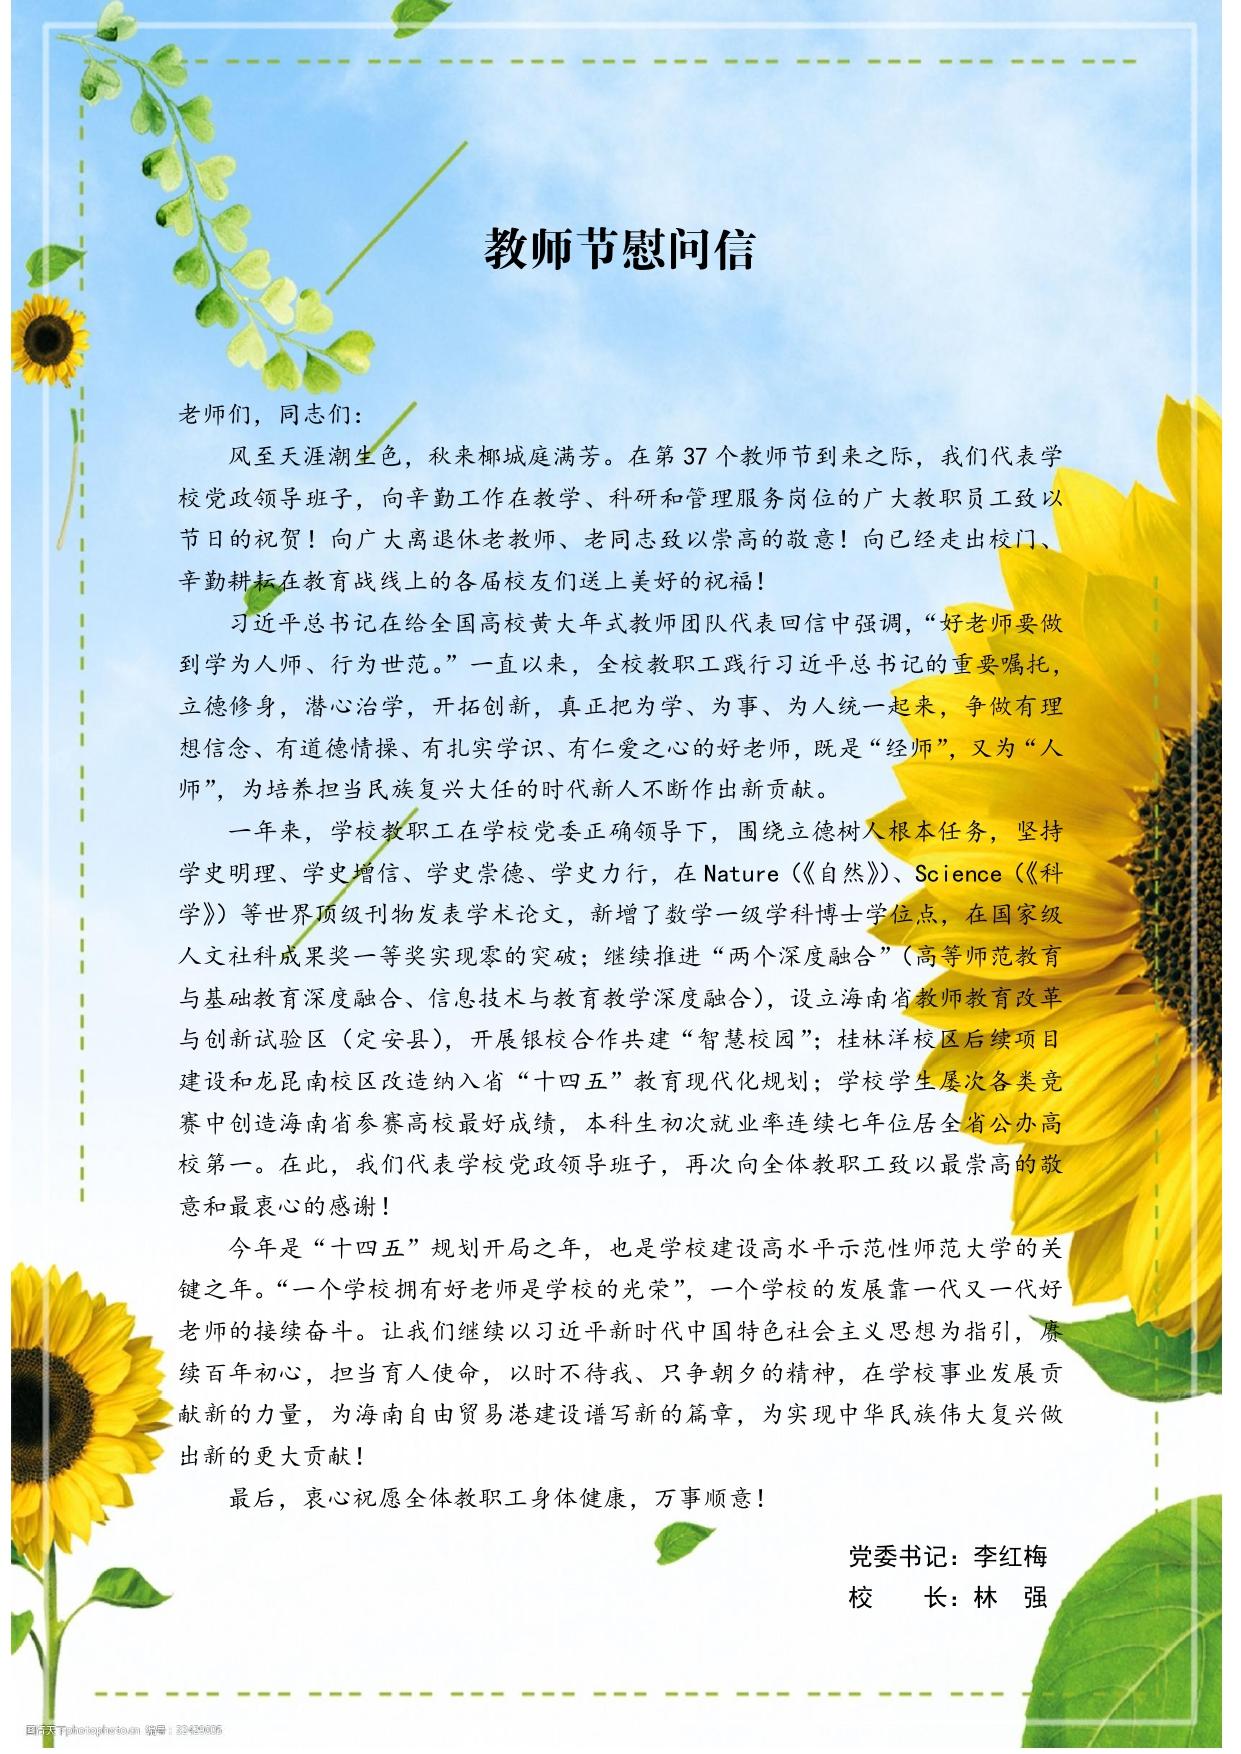 李红梅书记、林强校长祝全校教职工教师节快乐!